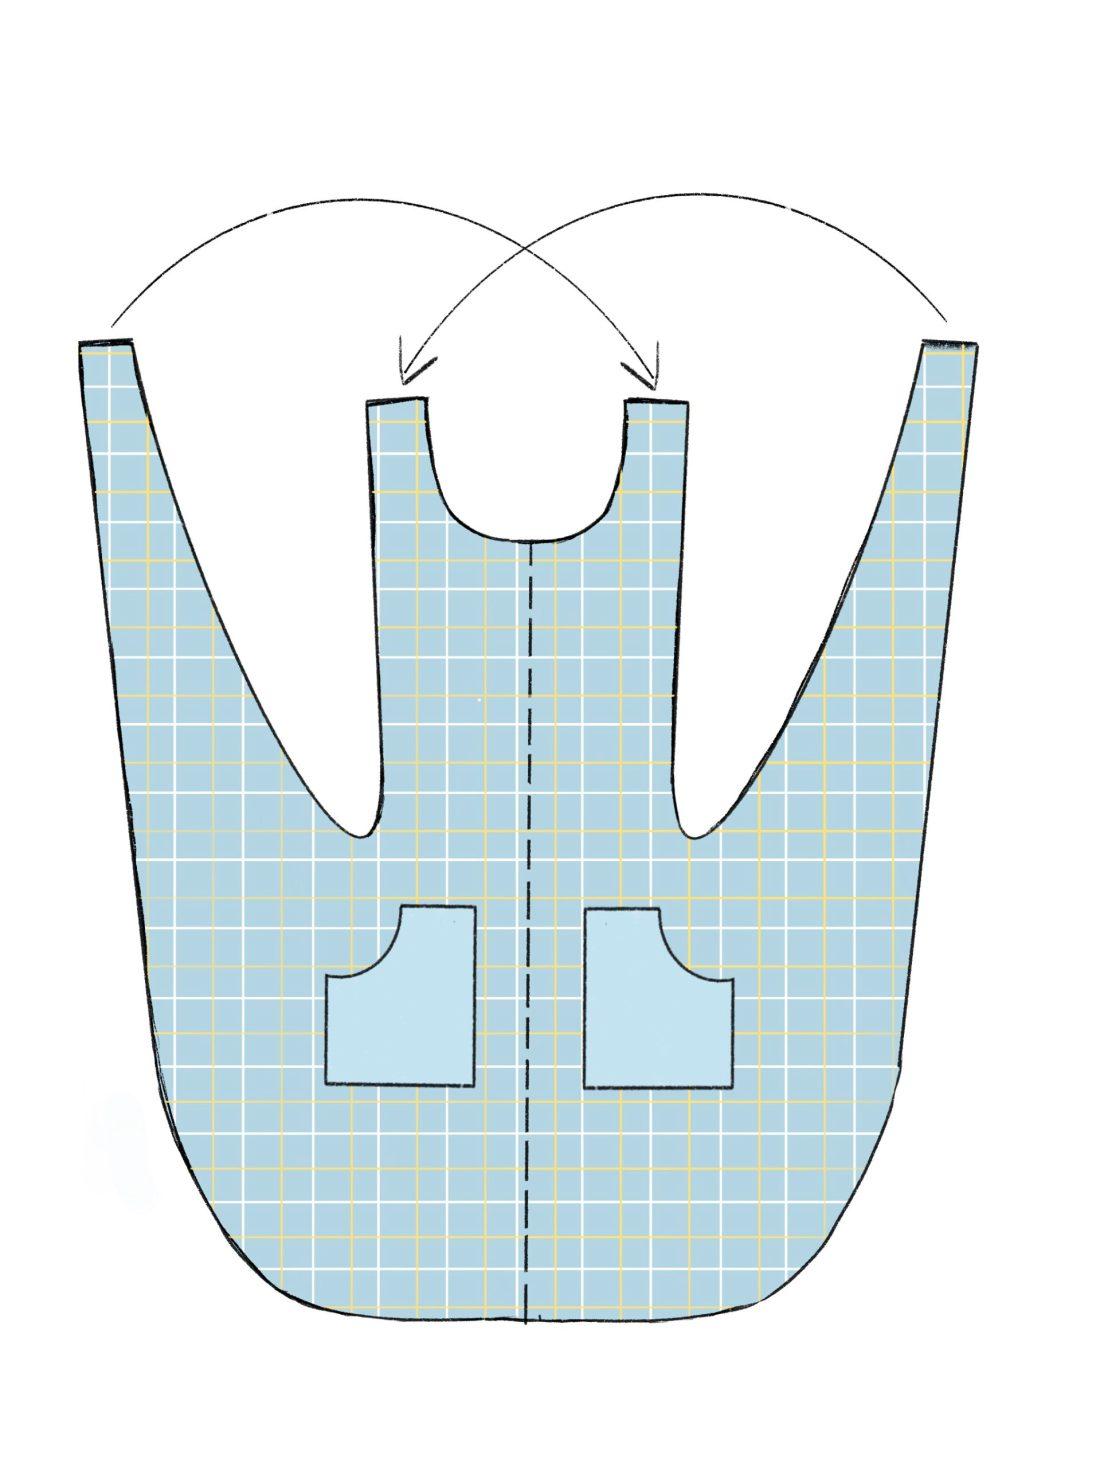 Modell einer Crossover Schürze im japanischen Stil